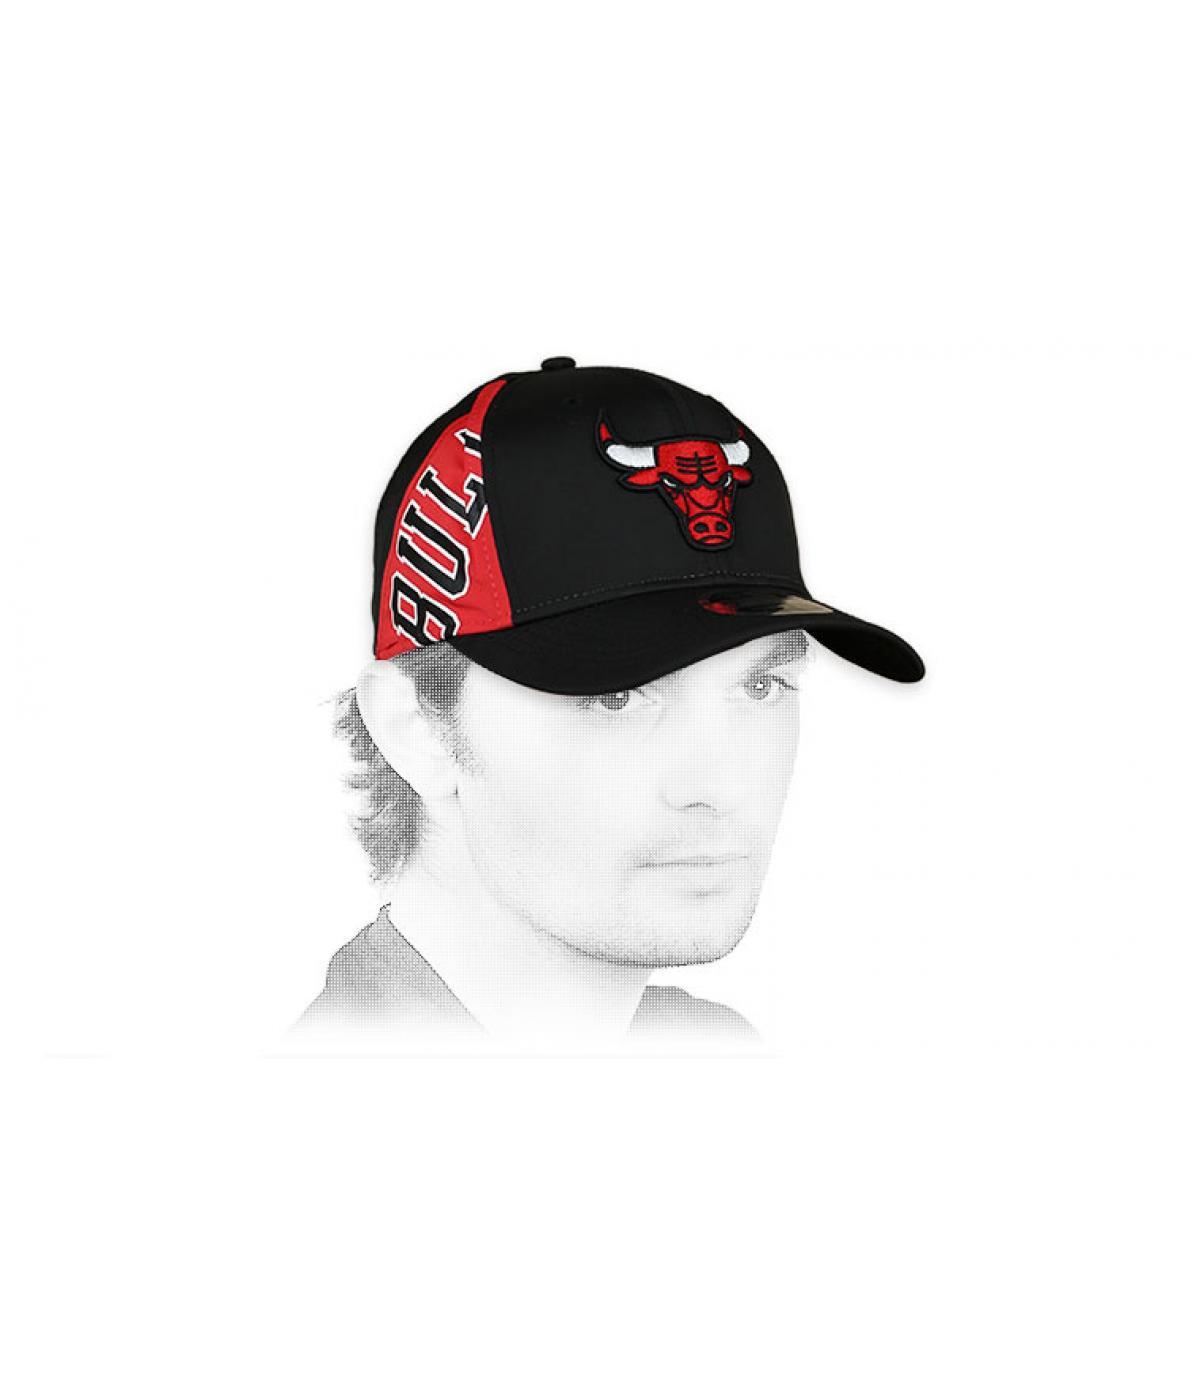 Cappellino elasticizzato nero Bulls